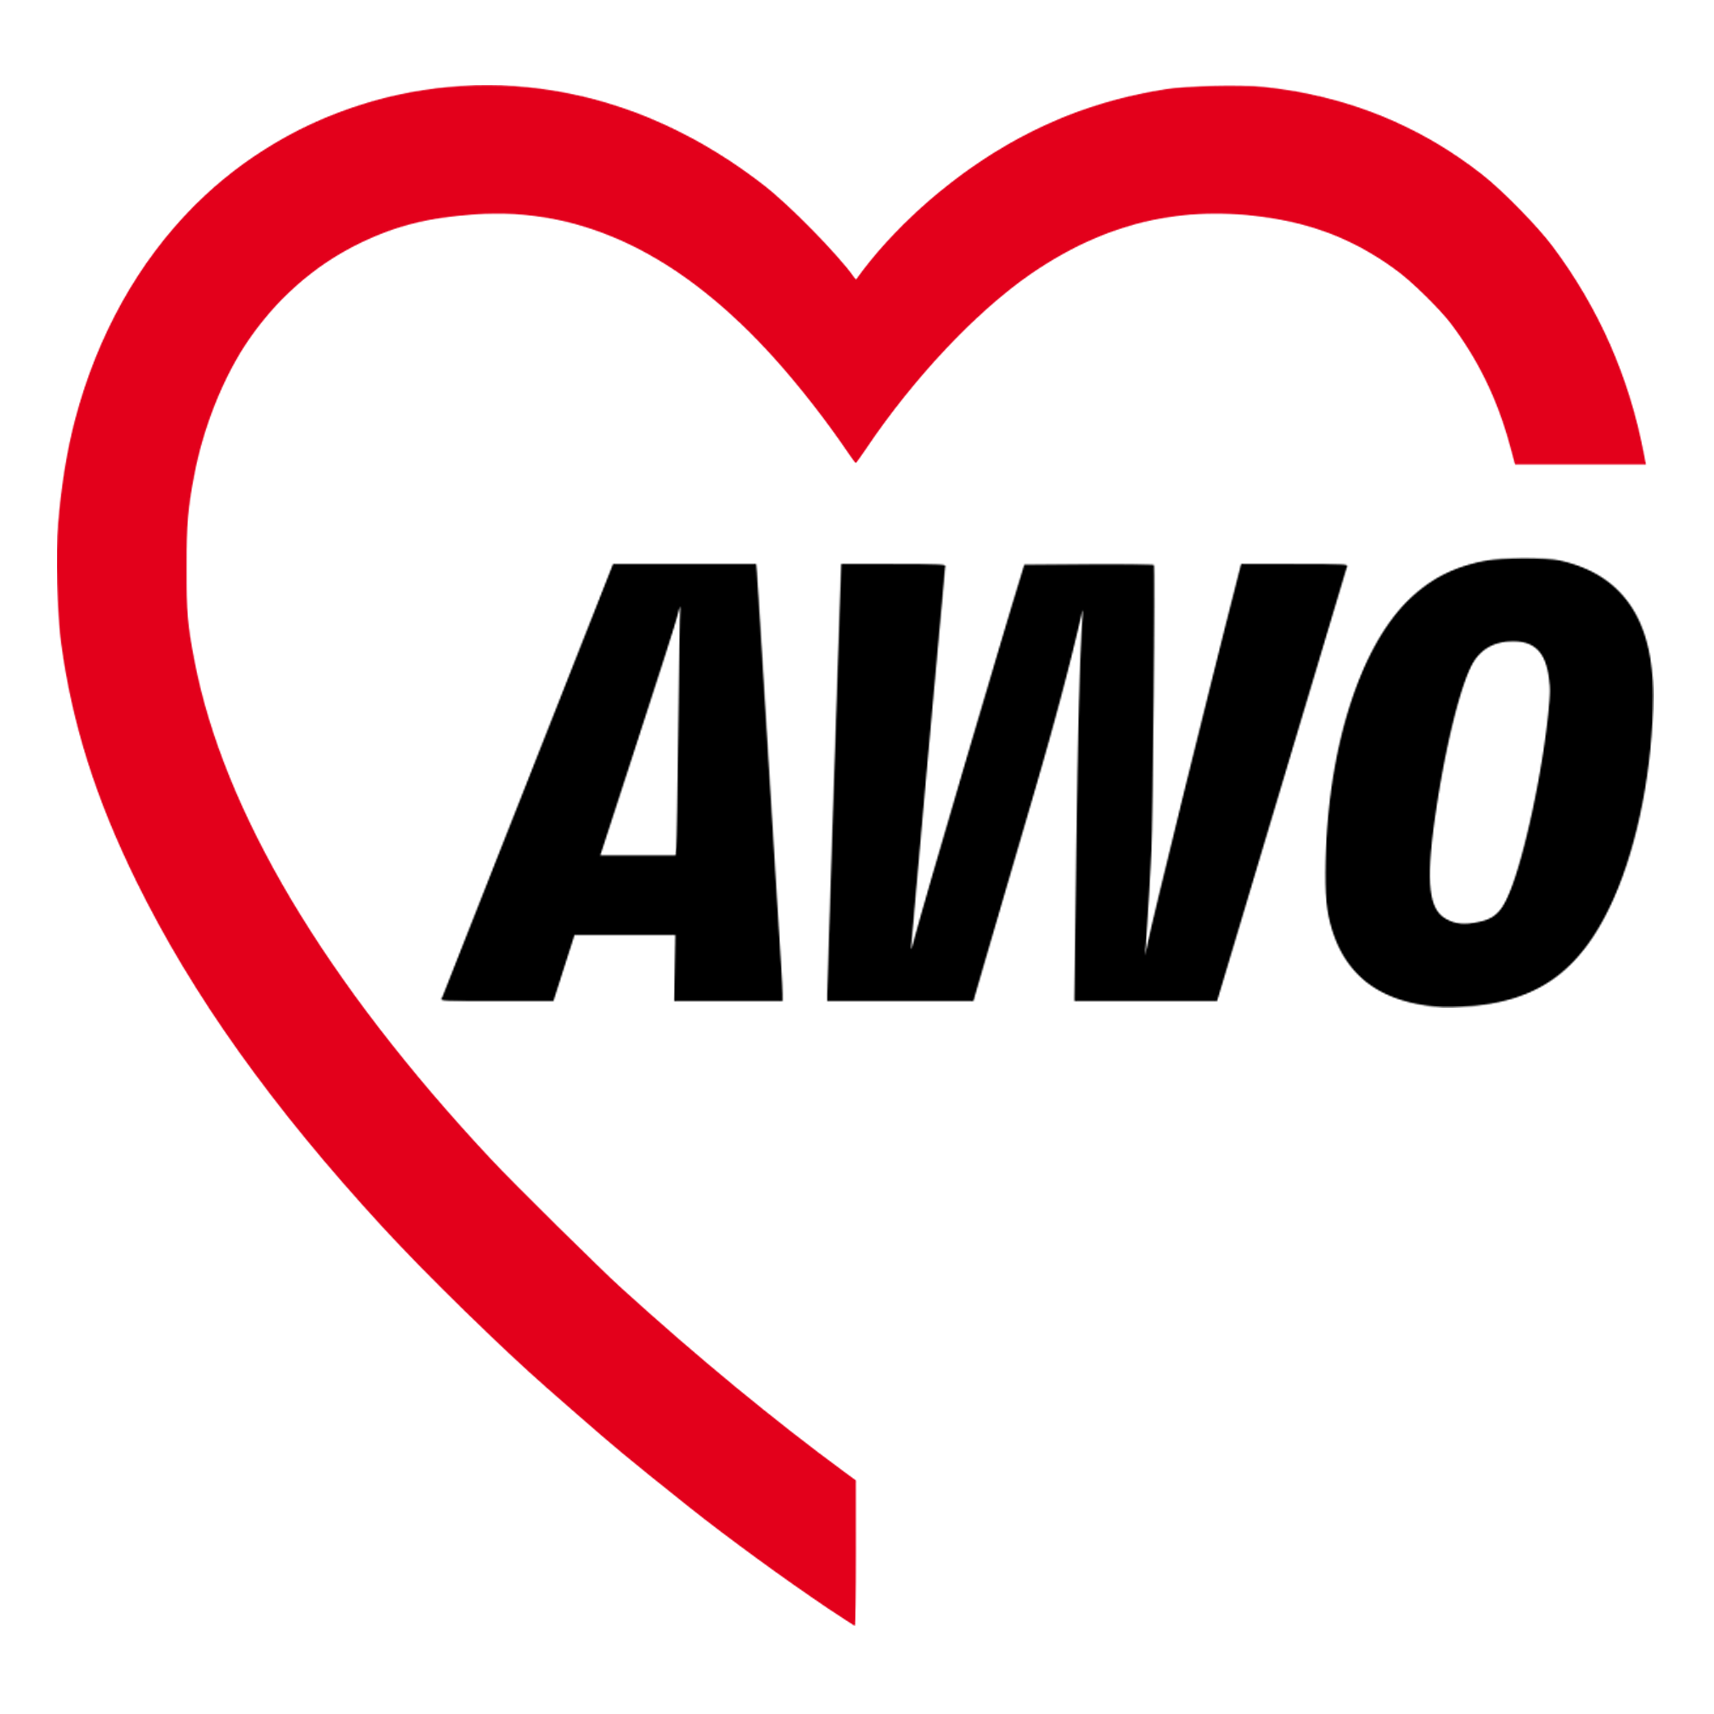 Awo-logo-08_2